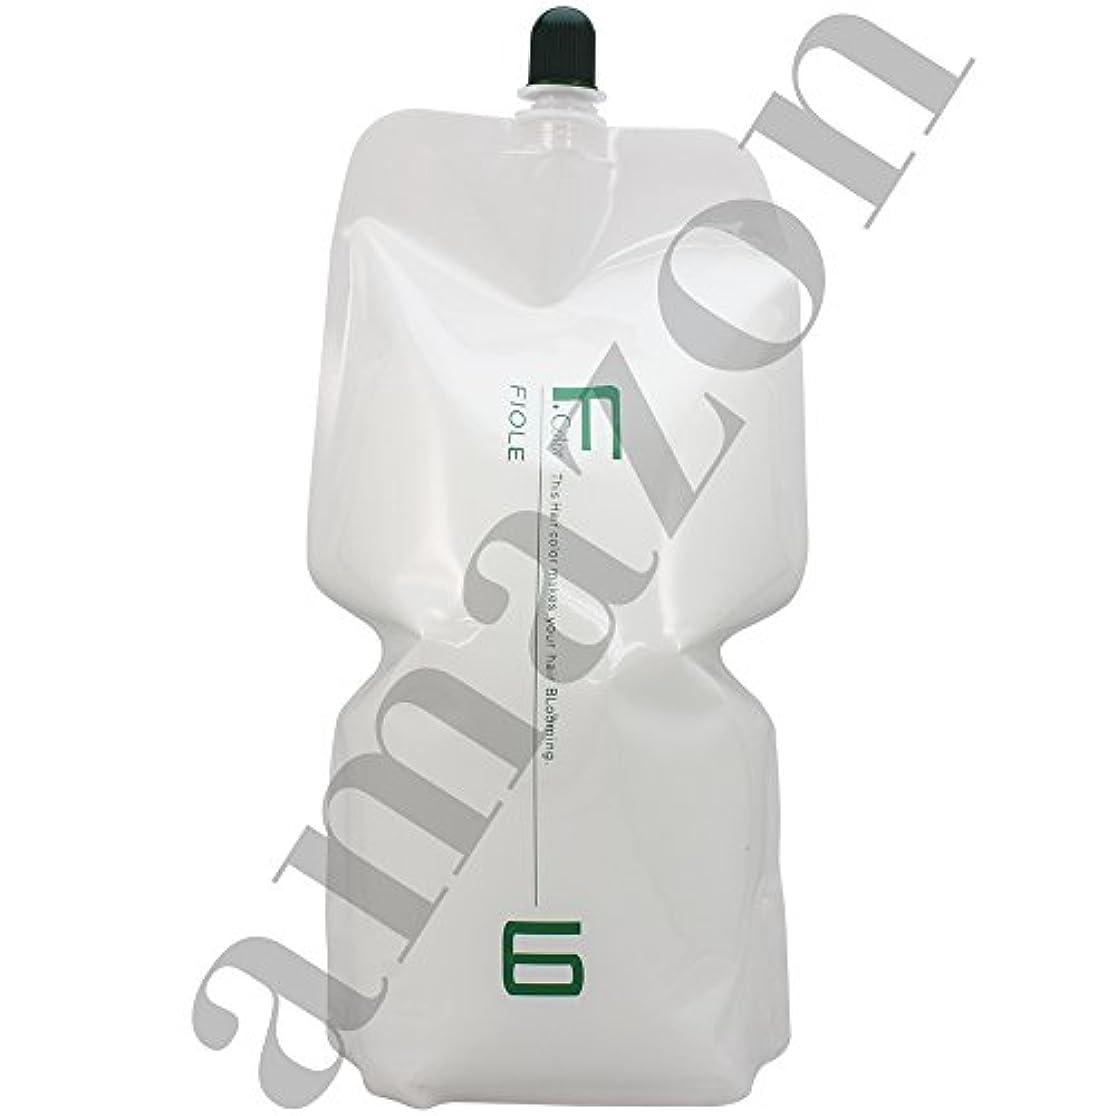 パーフェルビッド国籍賞フィヨーレ BLカラー OX 2000ml 染毛補助剤 第2剤 パウチ (OX6%)